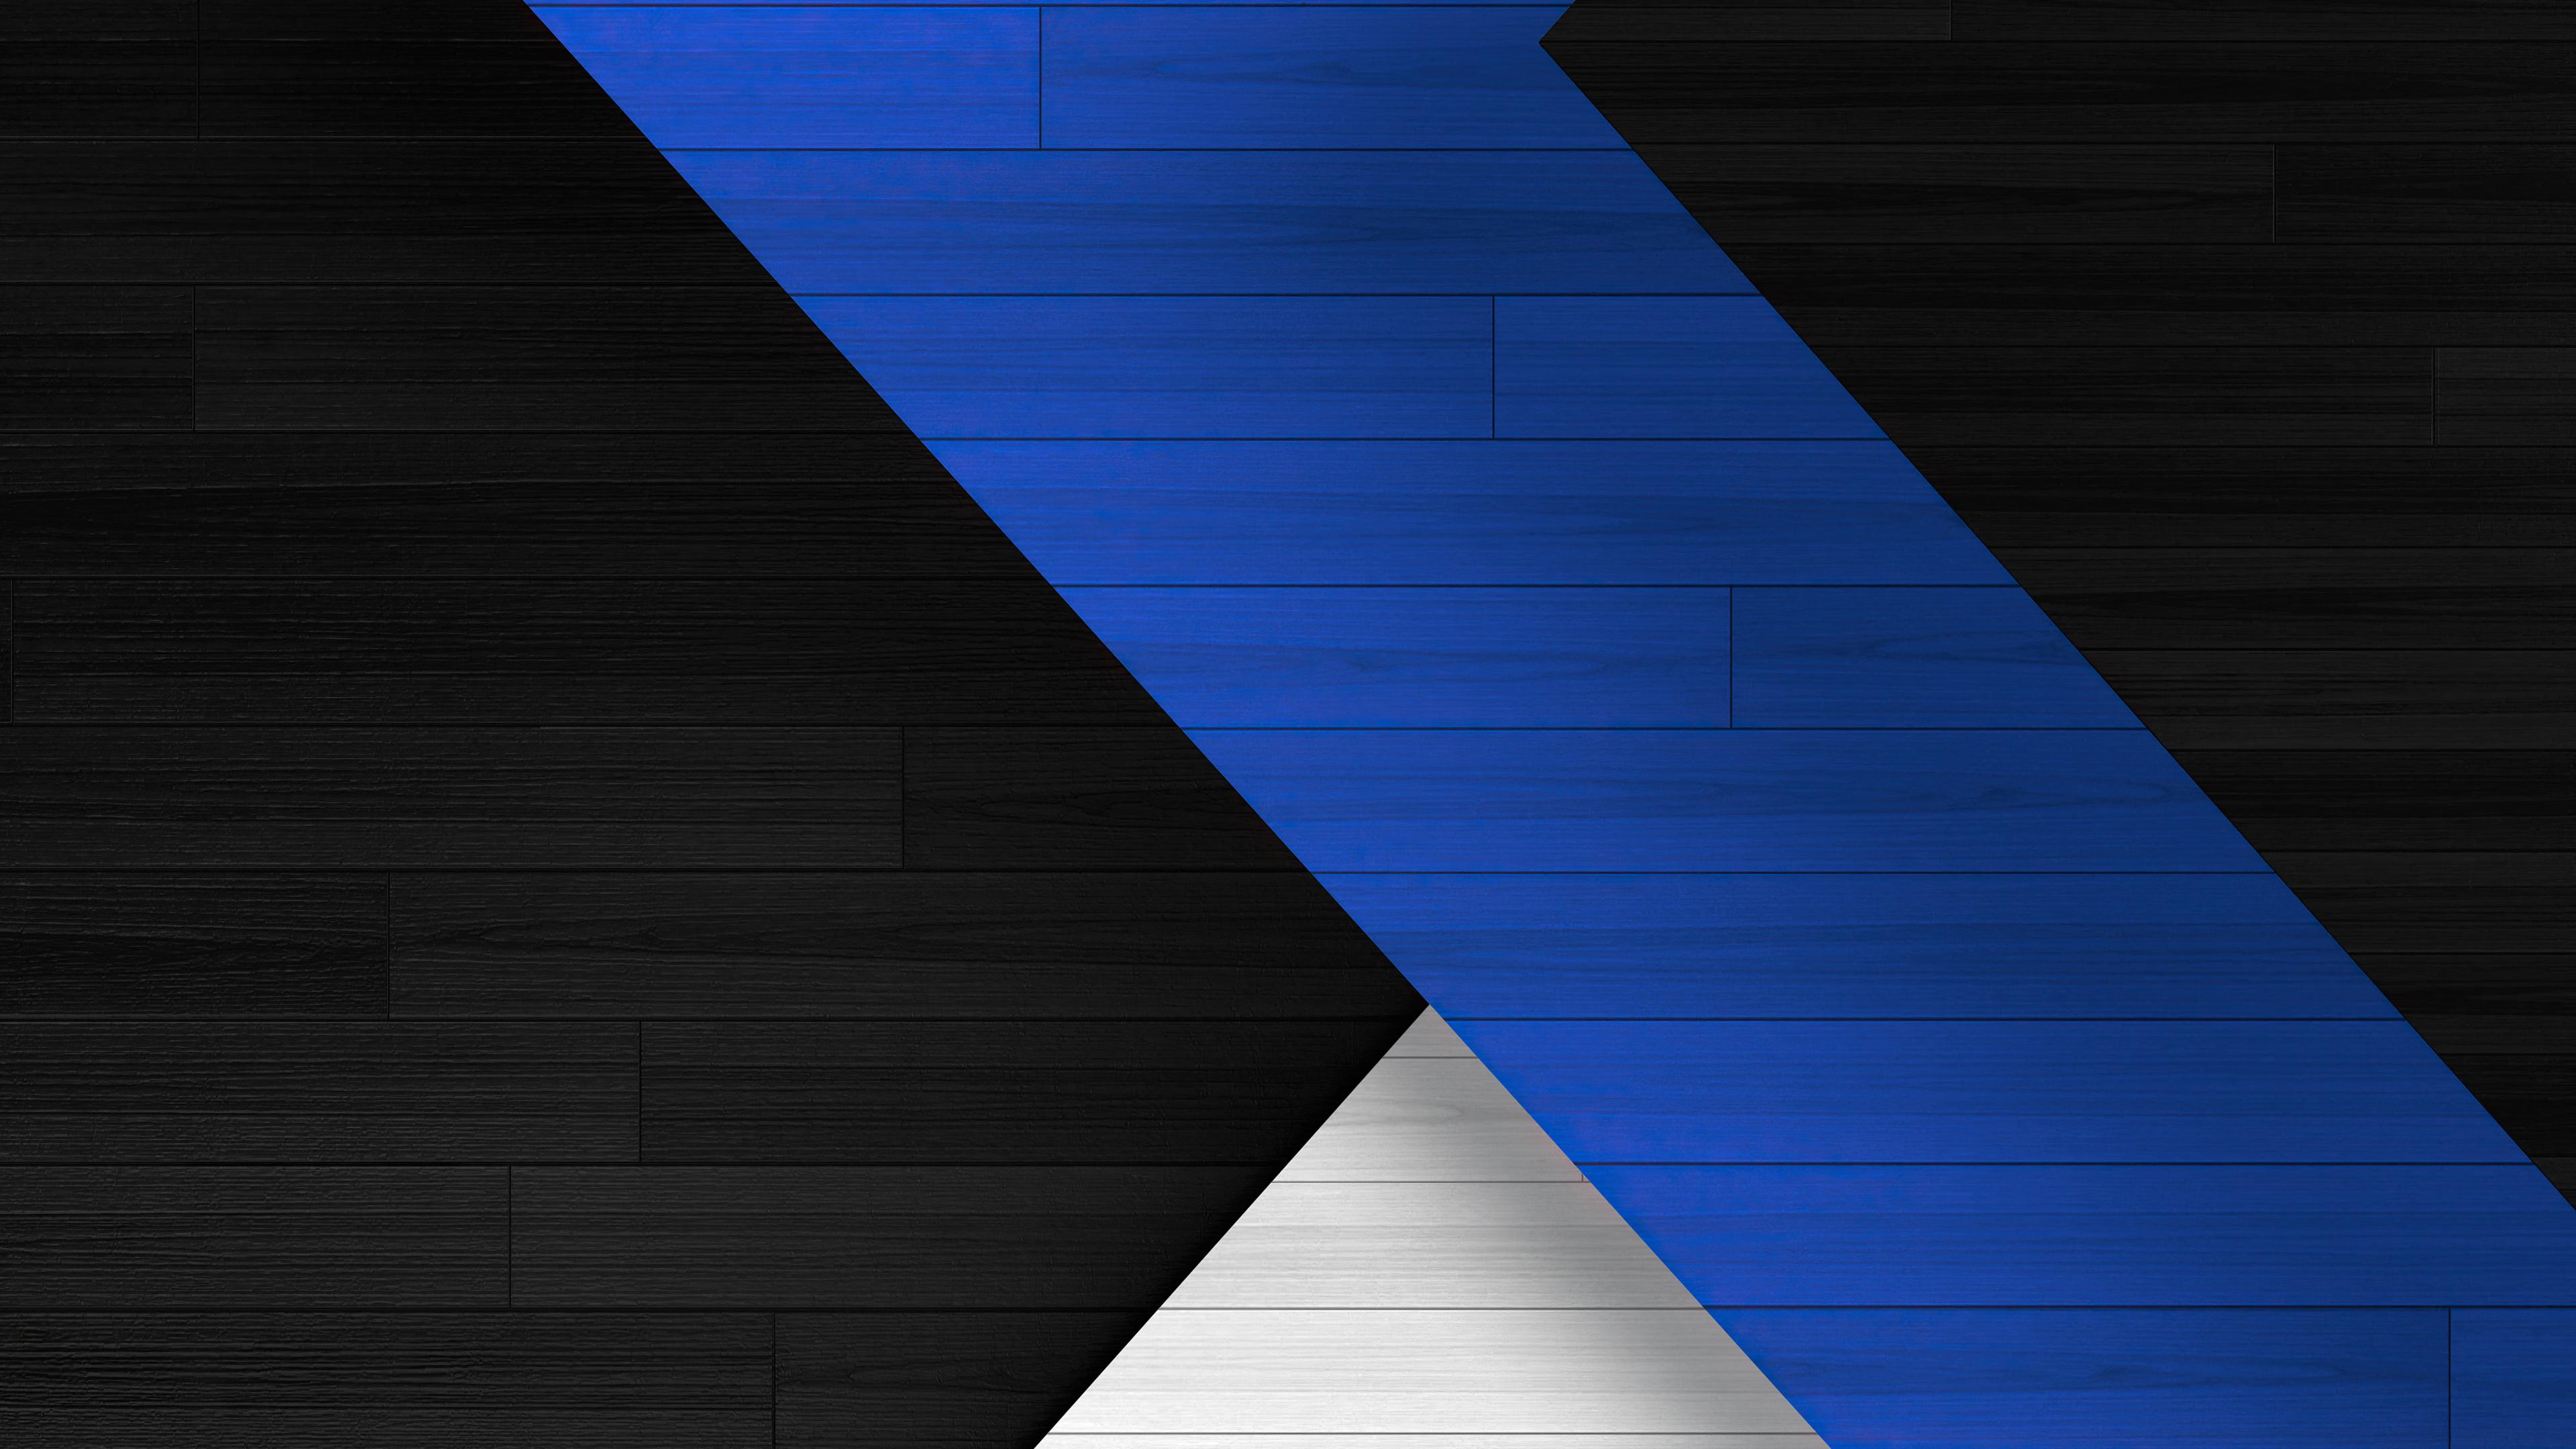 Blue Black White Abstract Tiles 4k Blue Black White ...